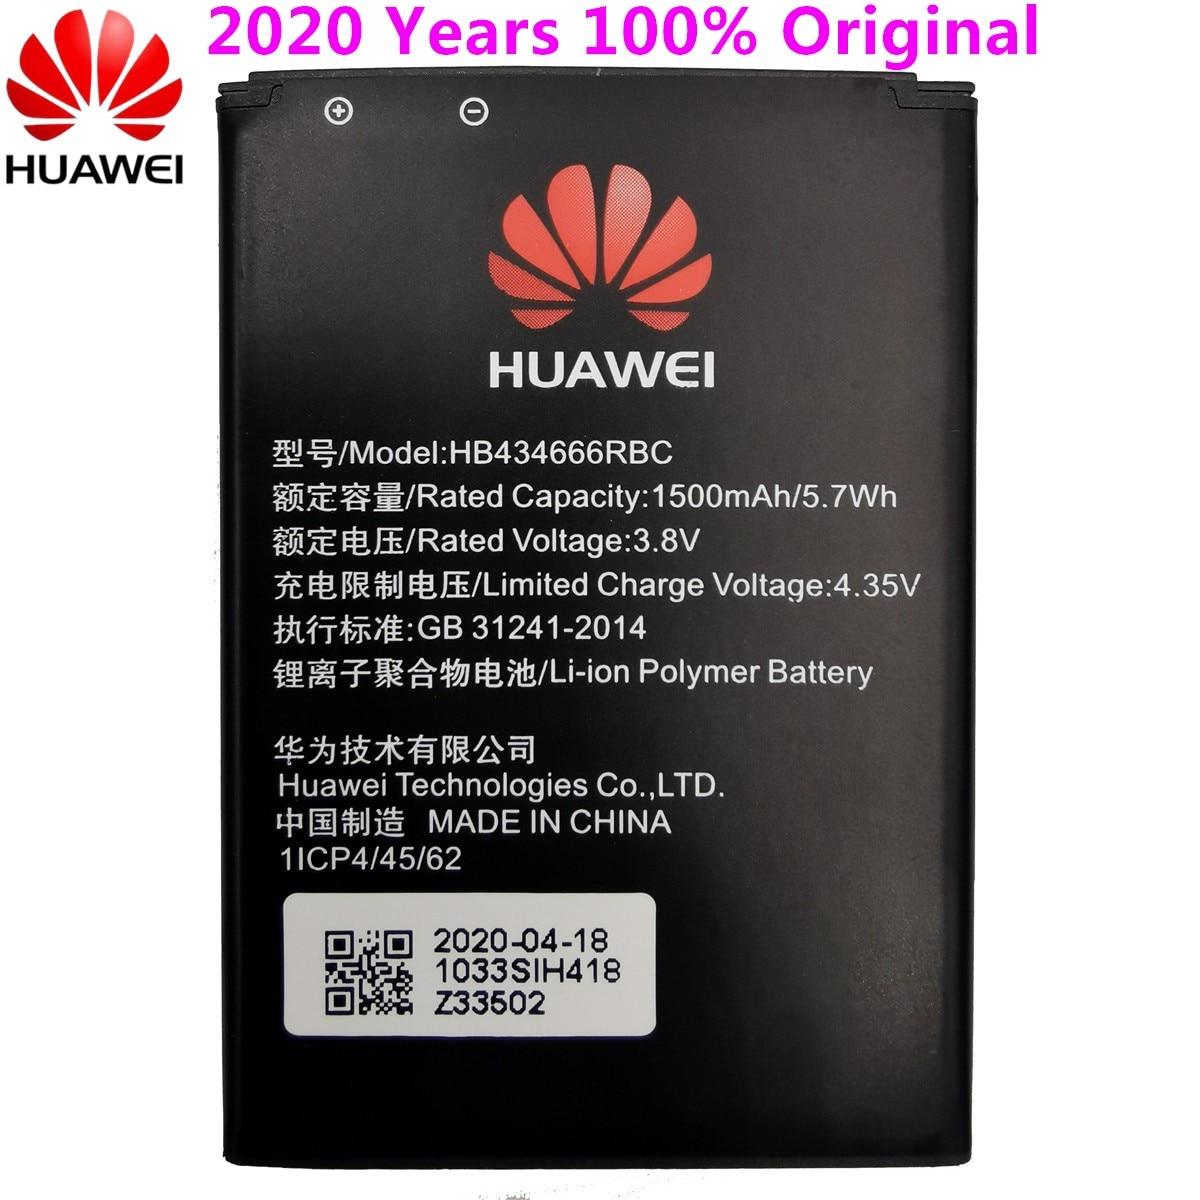 100% Original Battery HB434666RBC For Huawei Router E5573 E5573S E5573s-32 E5573s-320 E5573s-606 -806 High Capacity 1500mAh 1